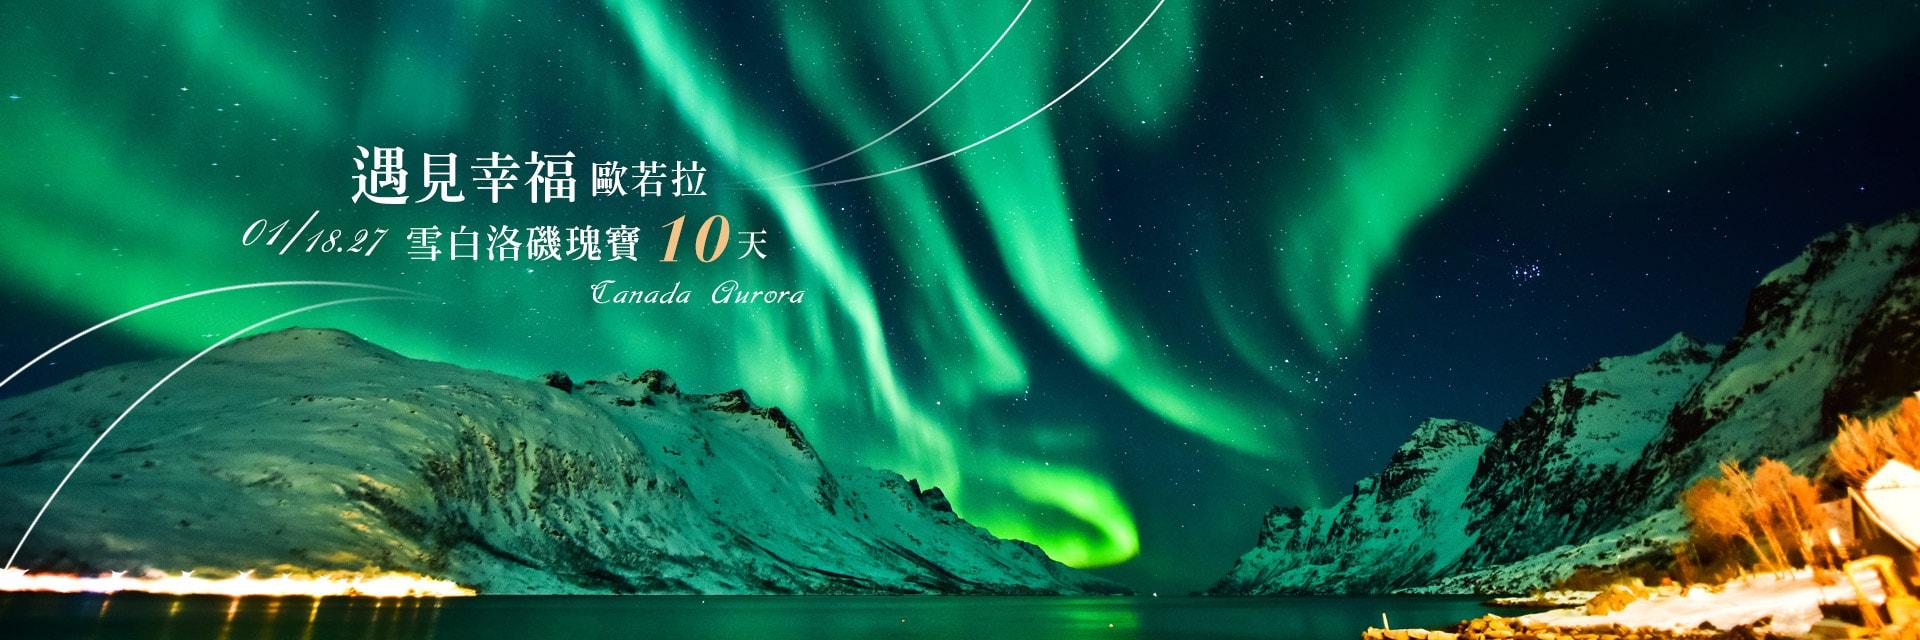 加拿大旅遊,極光之旅,歐若拉,極光旅遊,阿拉斯加